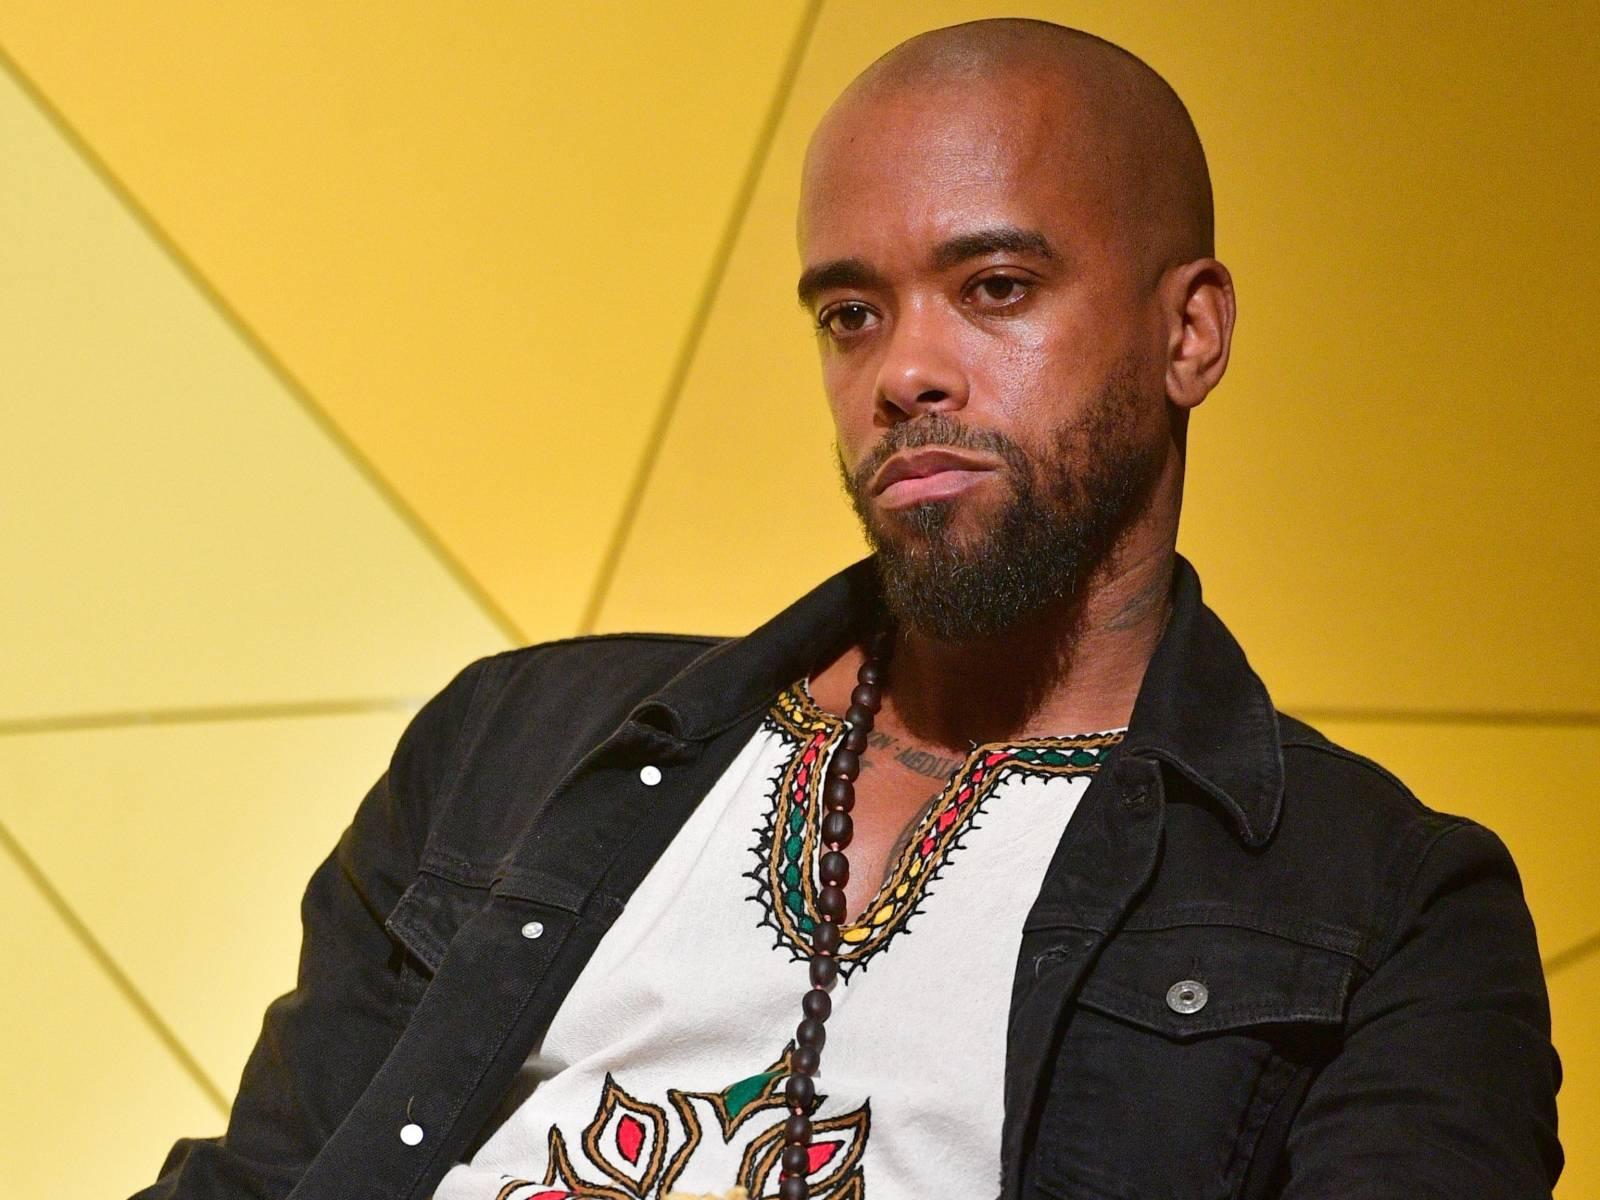 dead prez MC stic: 'Hip Hop Has Lost Its True Heart'